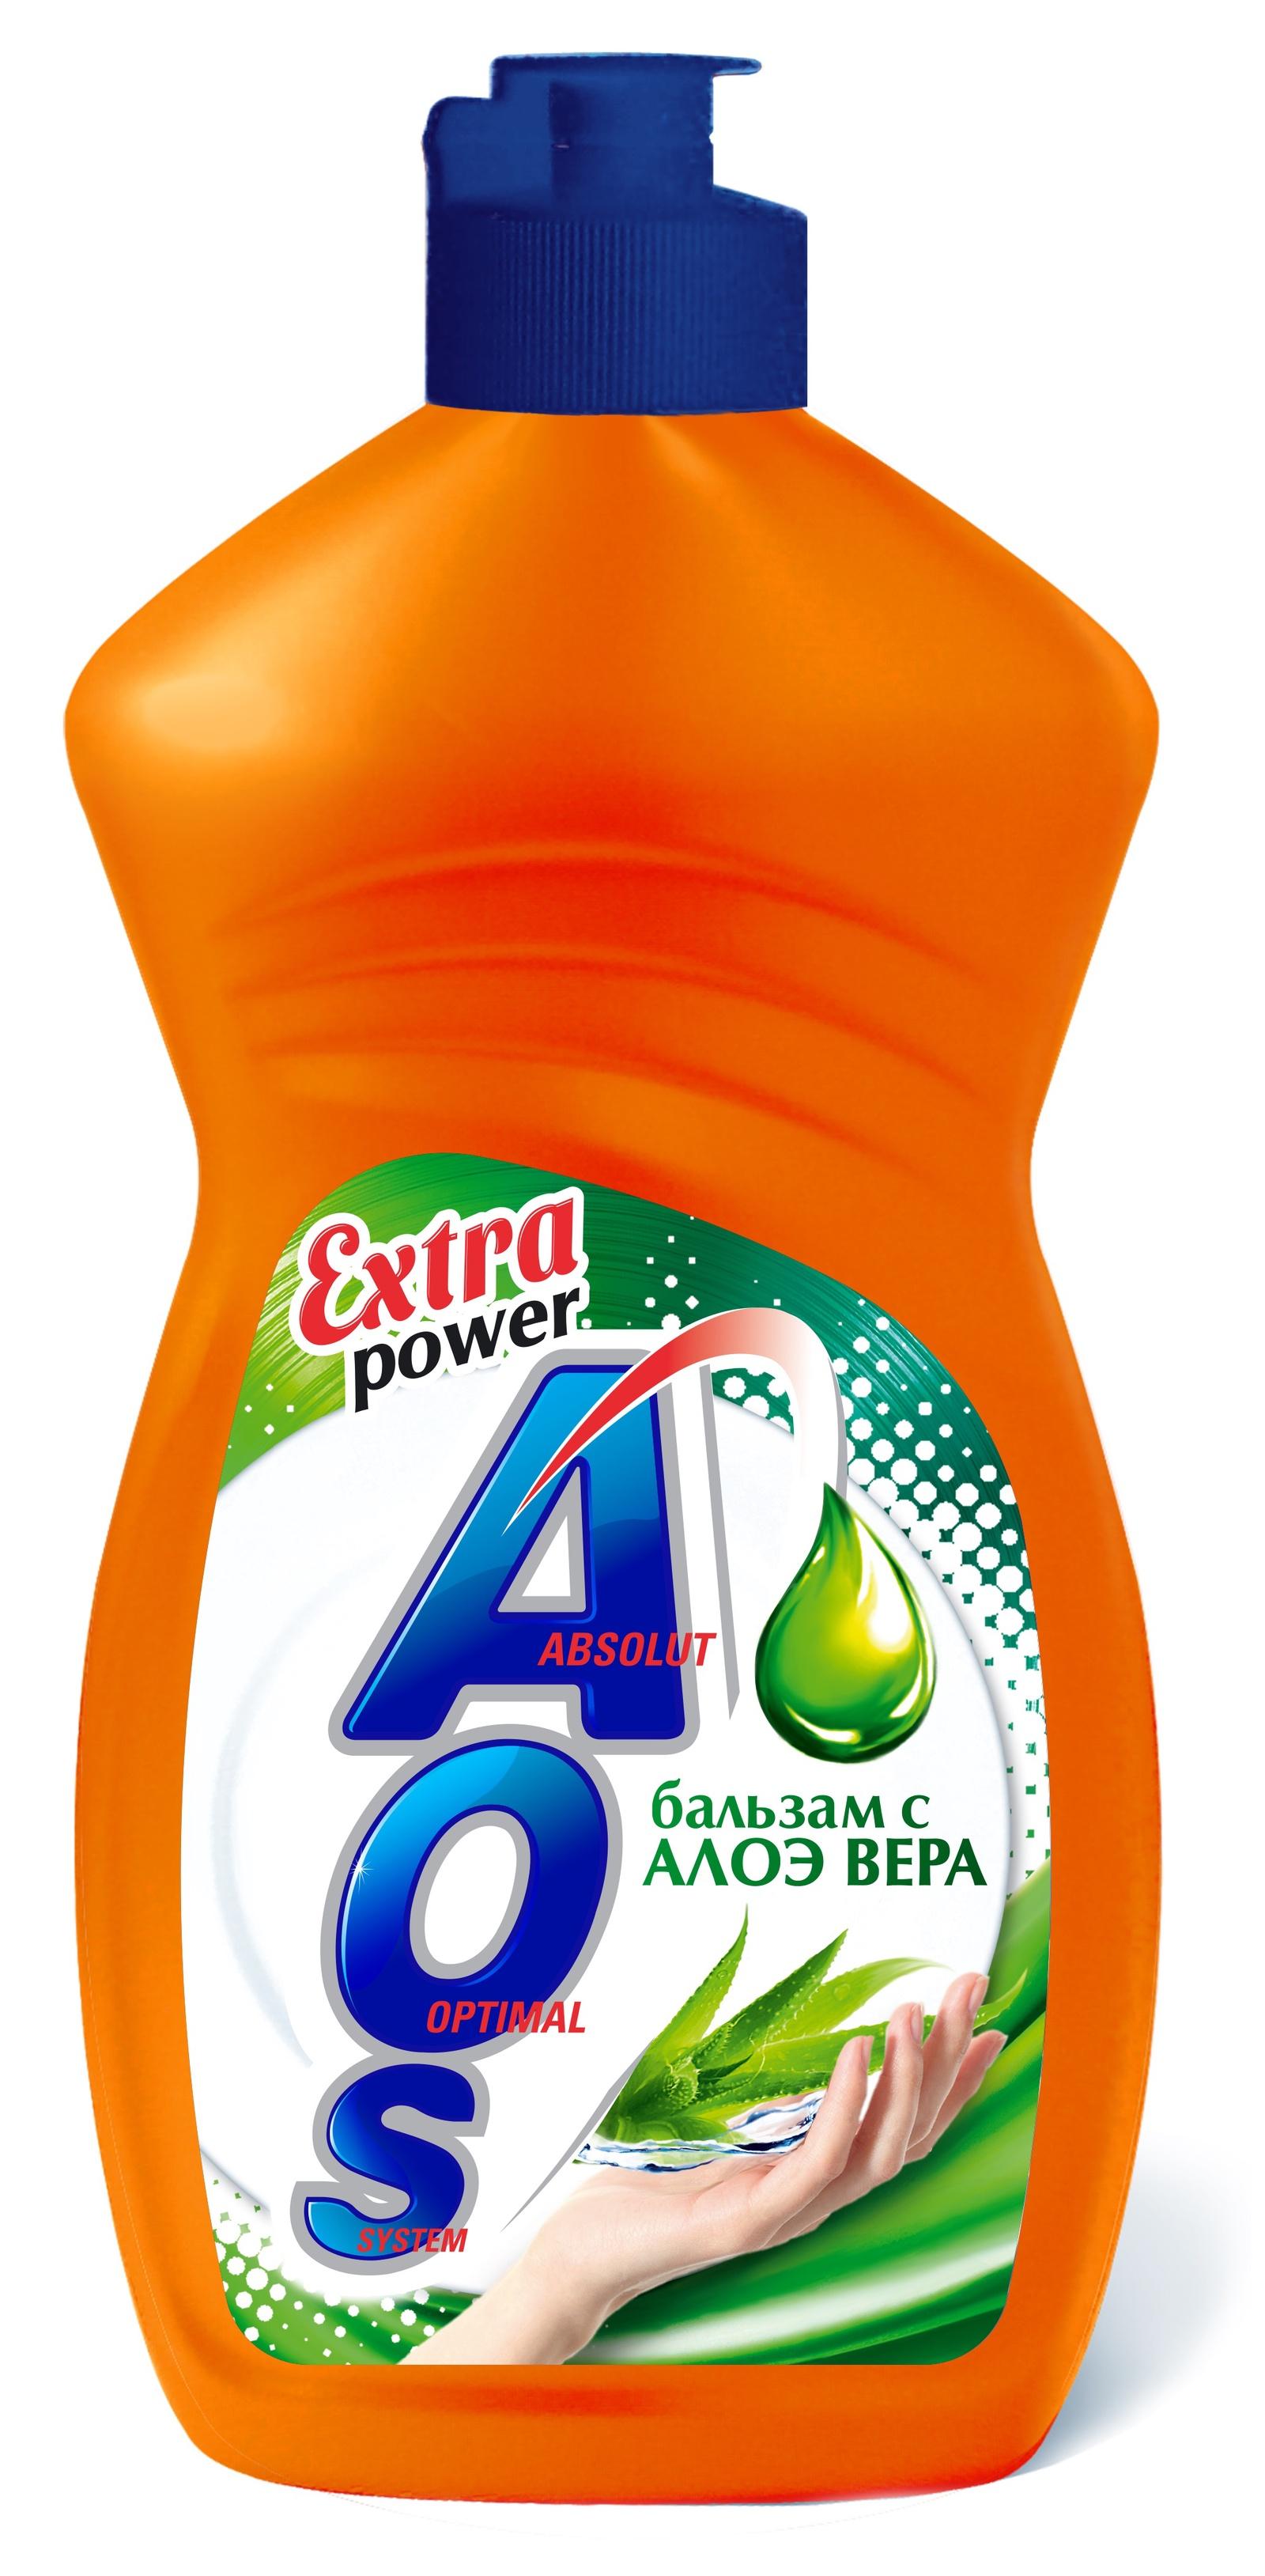 Средство для мытья посуды AOS Бальзам с Алоэ Вера, 1112-31112-3Средство подходит для использования в семьях с маленькими детьми, поскольку оно не только удаляет жир, но и полностью смывается с поверхности посуды даже в холодной воде. Обладает густой формулой, обеспечивая безупречное мытье посуды. Экстракт Алоэ Вера благотворно влияет даже на самую чувствительную кожу рук.